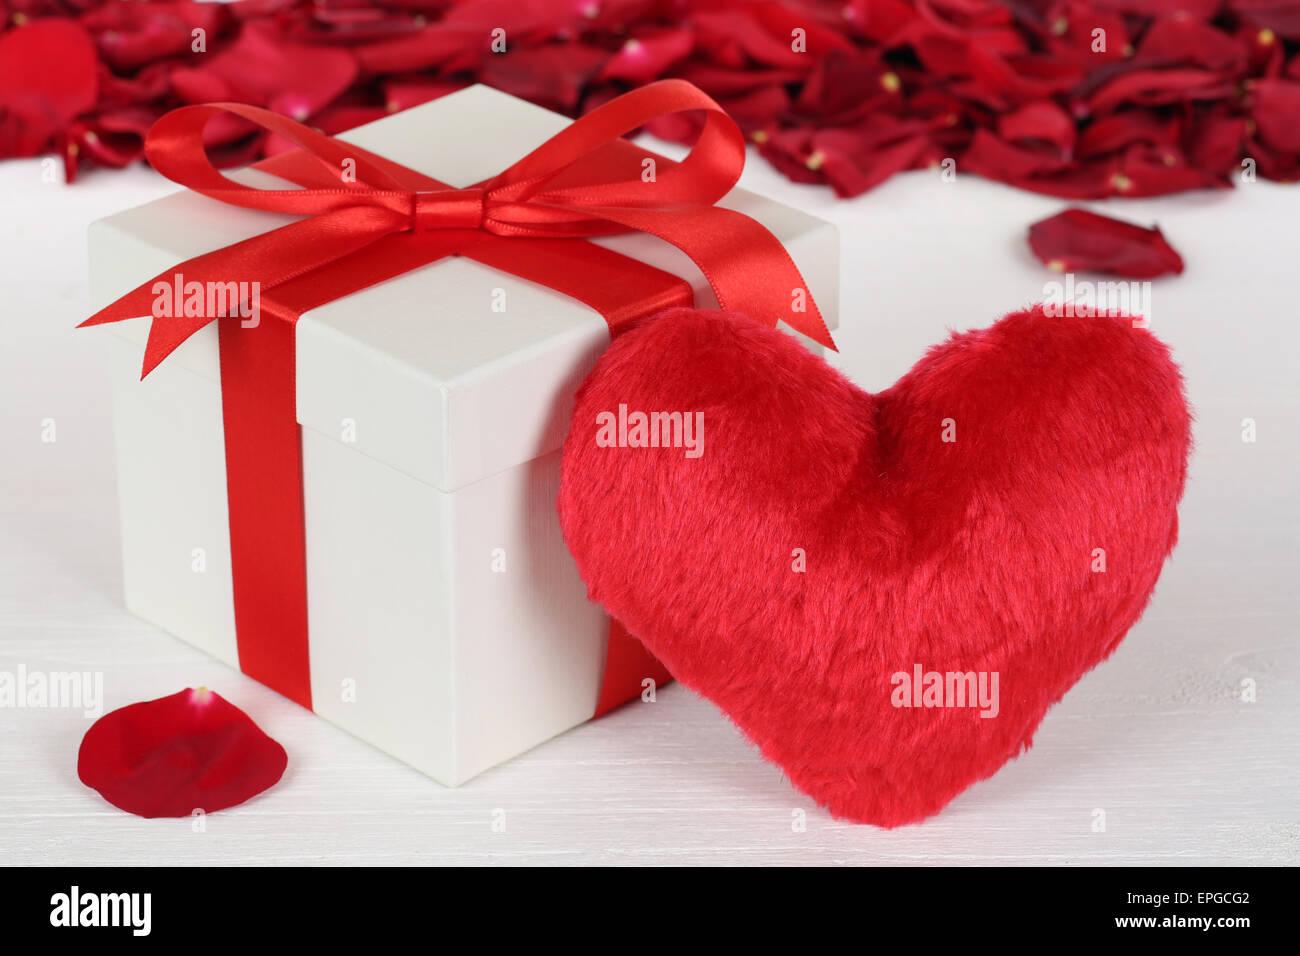 Geschenk Mit Herz Für Geschenke Zum Muttertag Oder Valentinstag